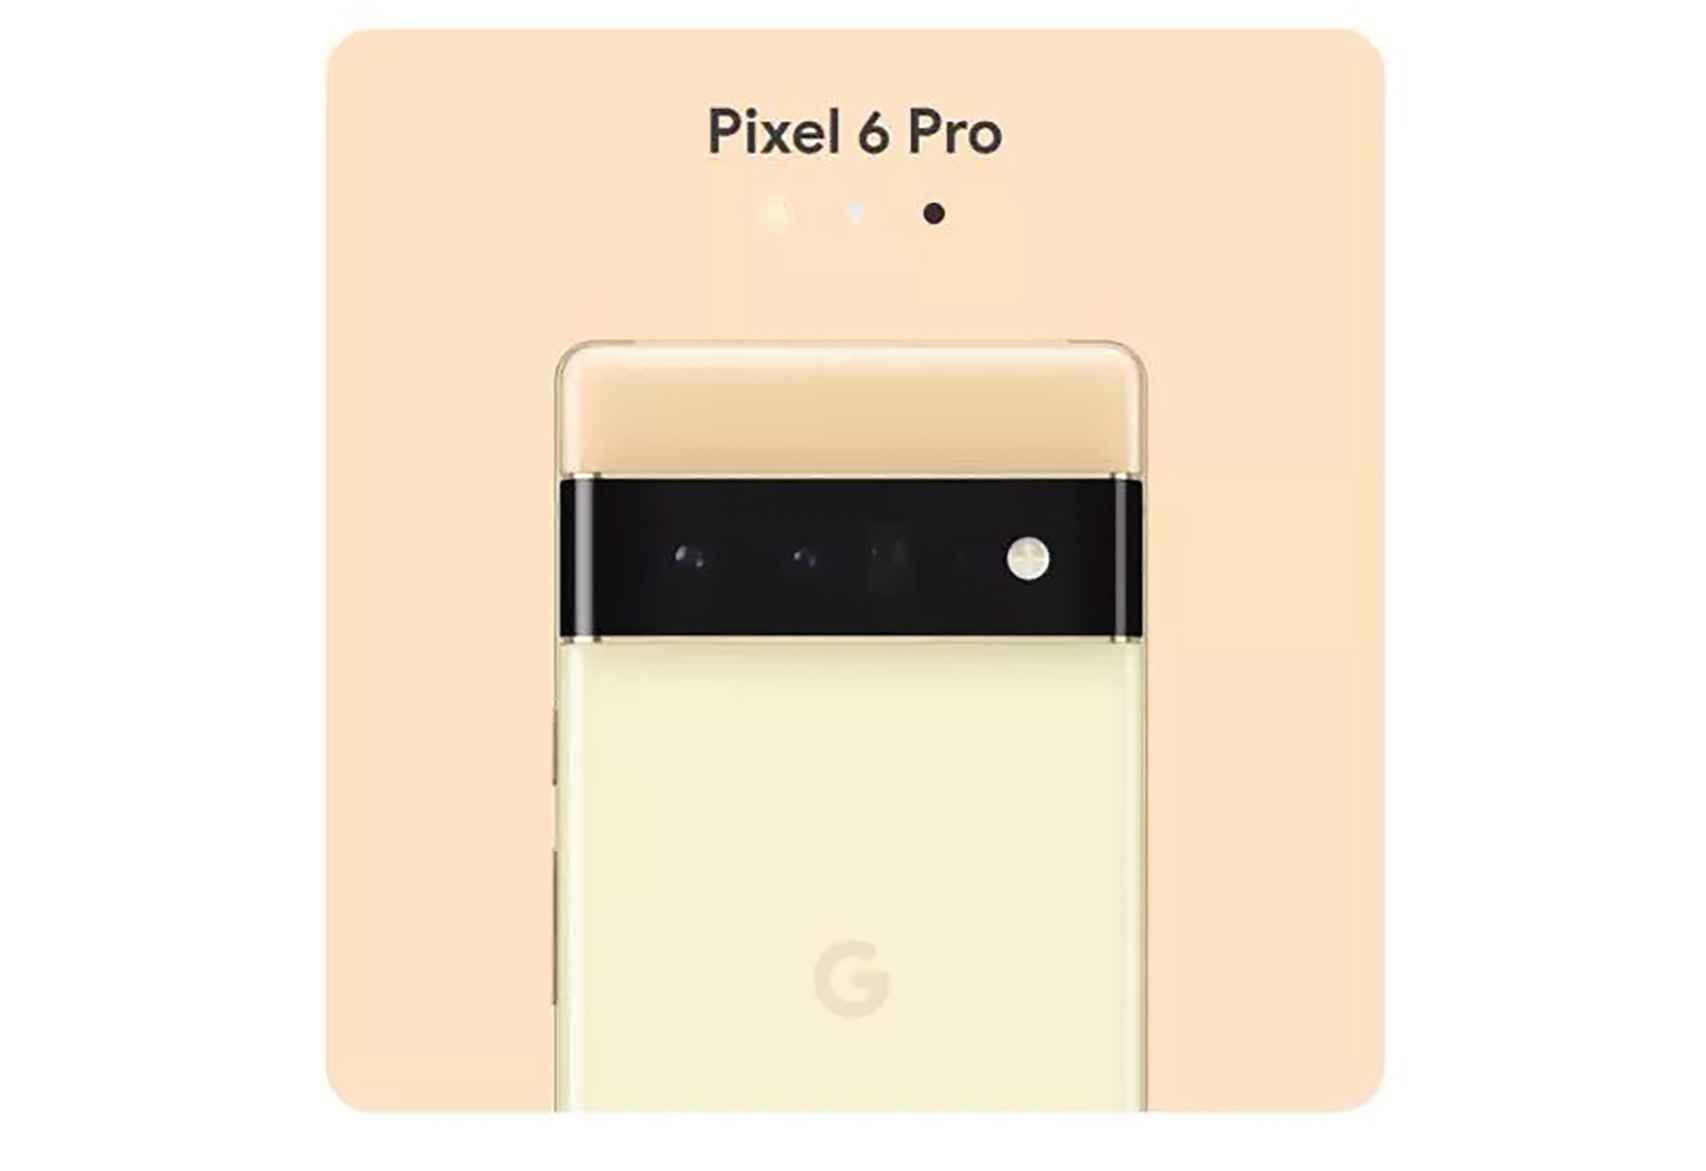 El Pixel 6 Pro de Google